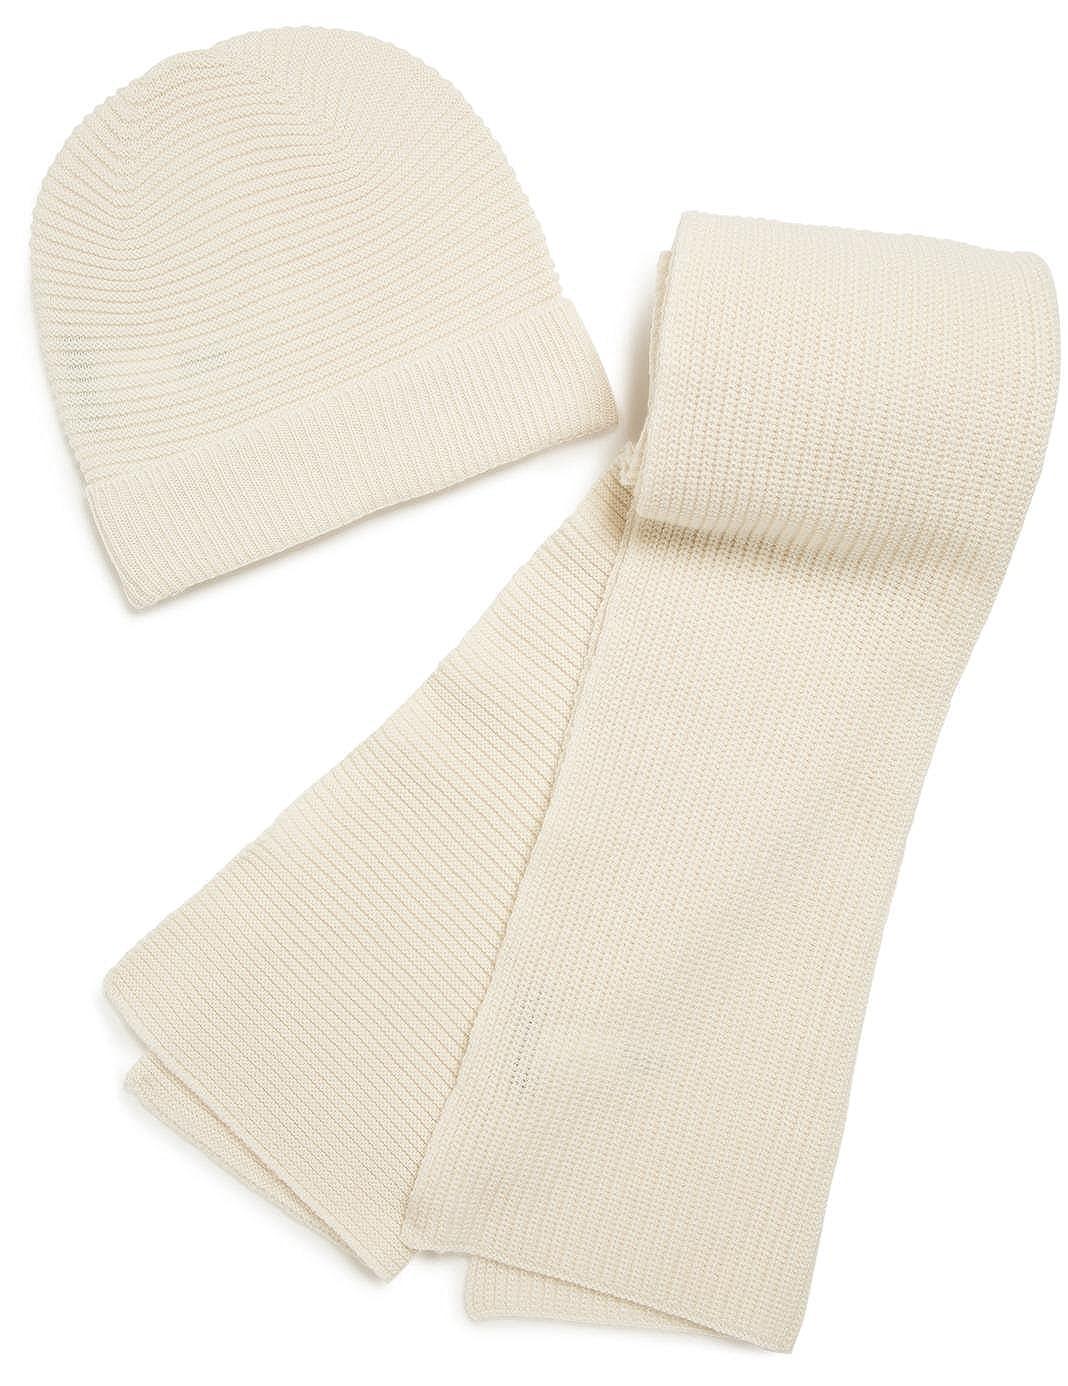 060474c741d7a MONOPRIX FEMME - Set, echarpe et bonnet, en laine et cachemire - Femme -  Taille : TU - Couleur : ÉCRU: Amazon.fr: Vêtements et accessoires